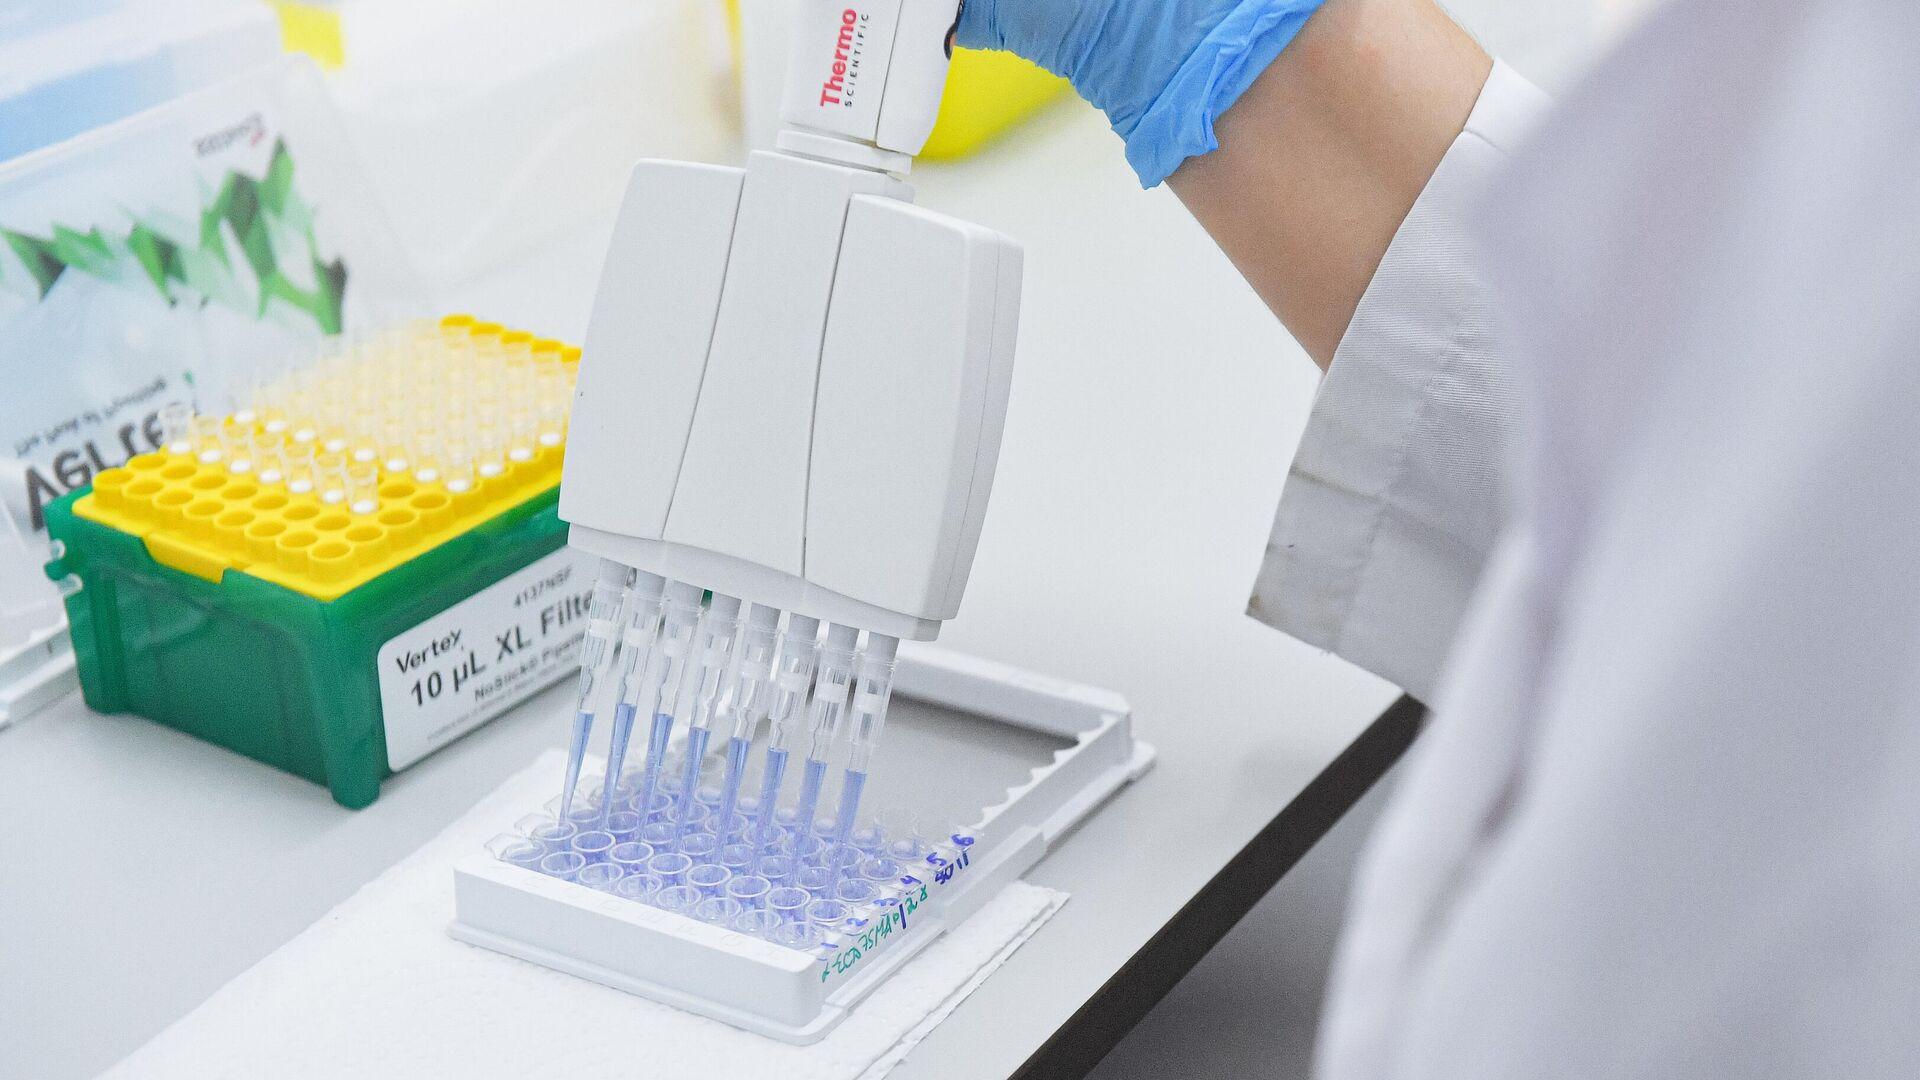 Испытания и производство вакцины от COVID-19 в лаборатории центра эпидемиологии и микробиологии имени Н.Ф. Гамалеи - РИА Новости, 1920, 21.09.2020